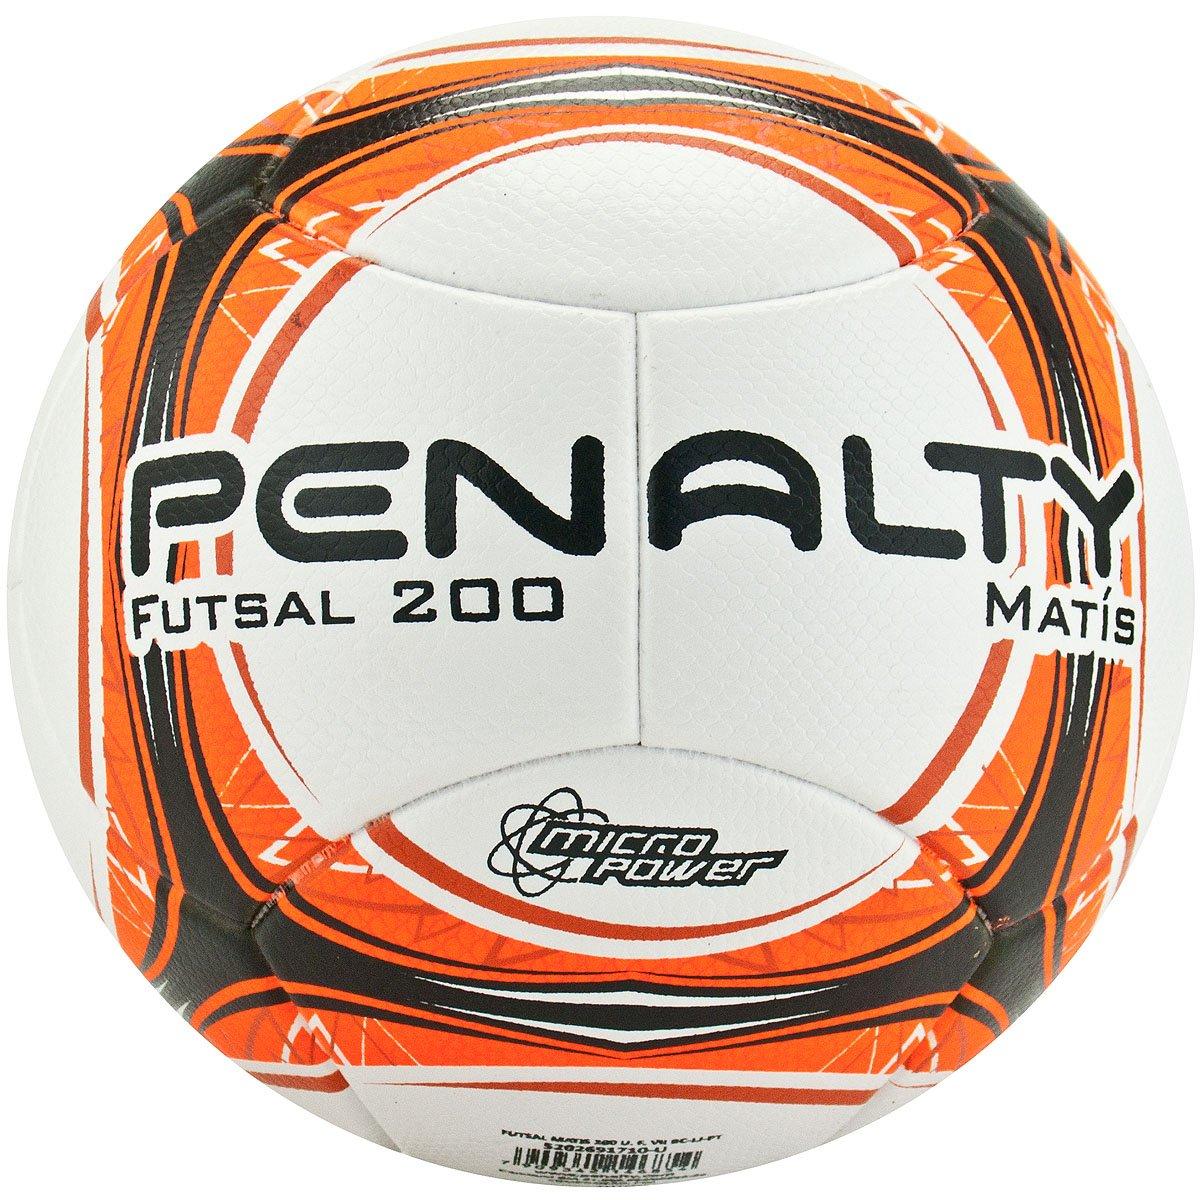 Bola Penalty Futsal Matis 200 Ultra Fusion VII  944fb53a34e4a